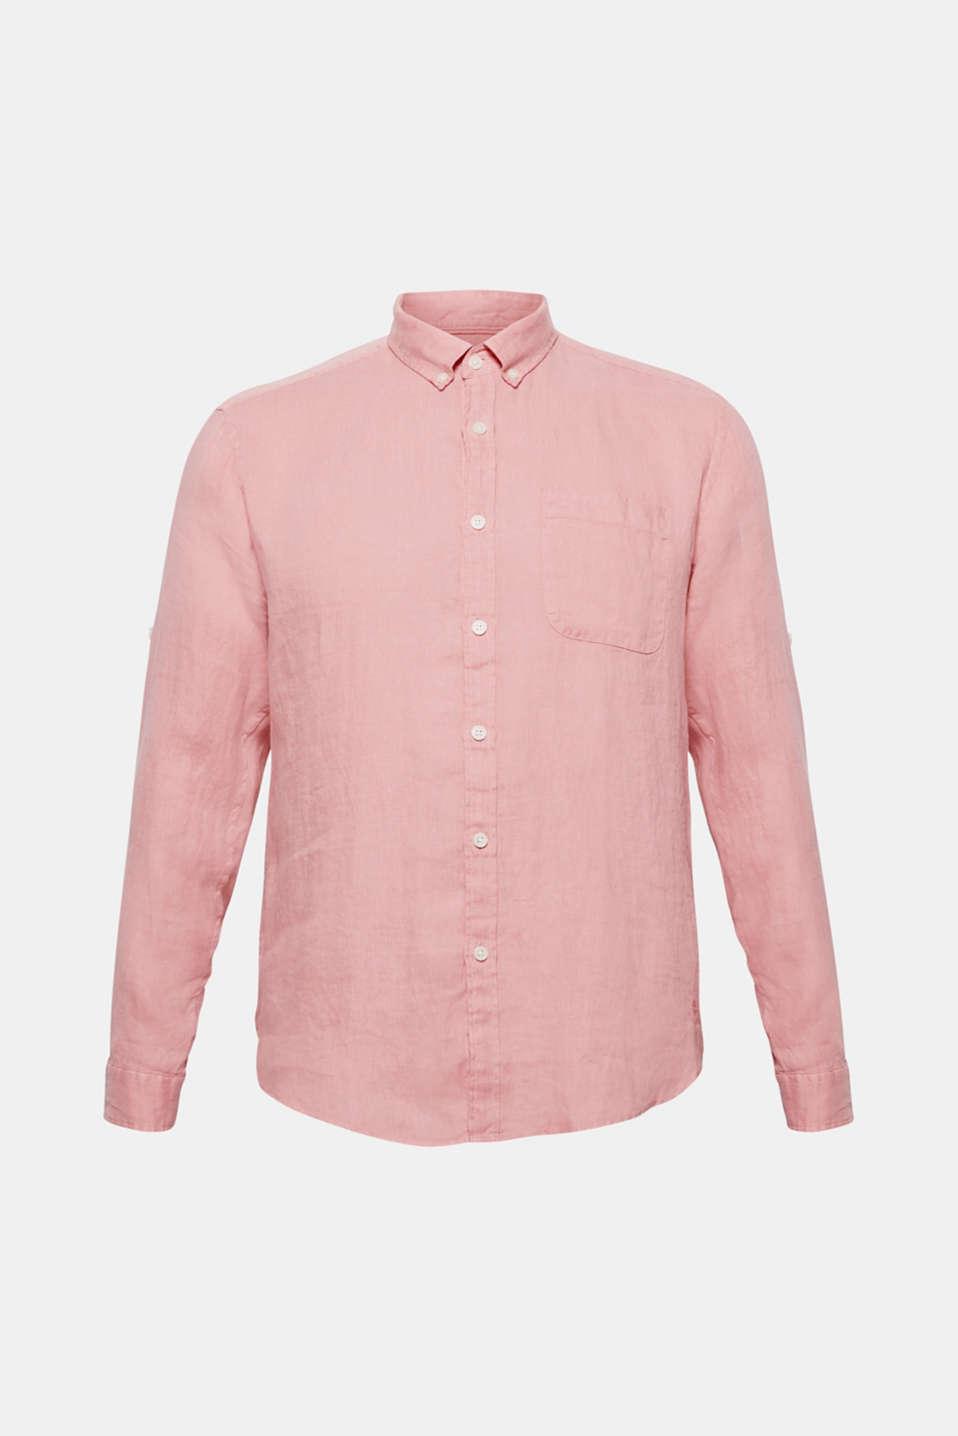 Shirts woven Regular fit, BLUSH 2, detail image number 7